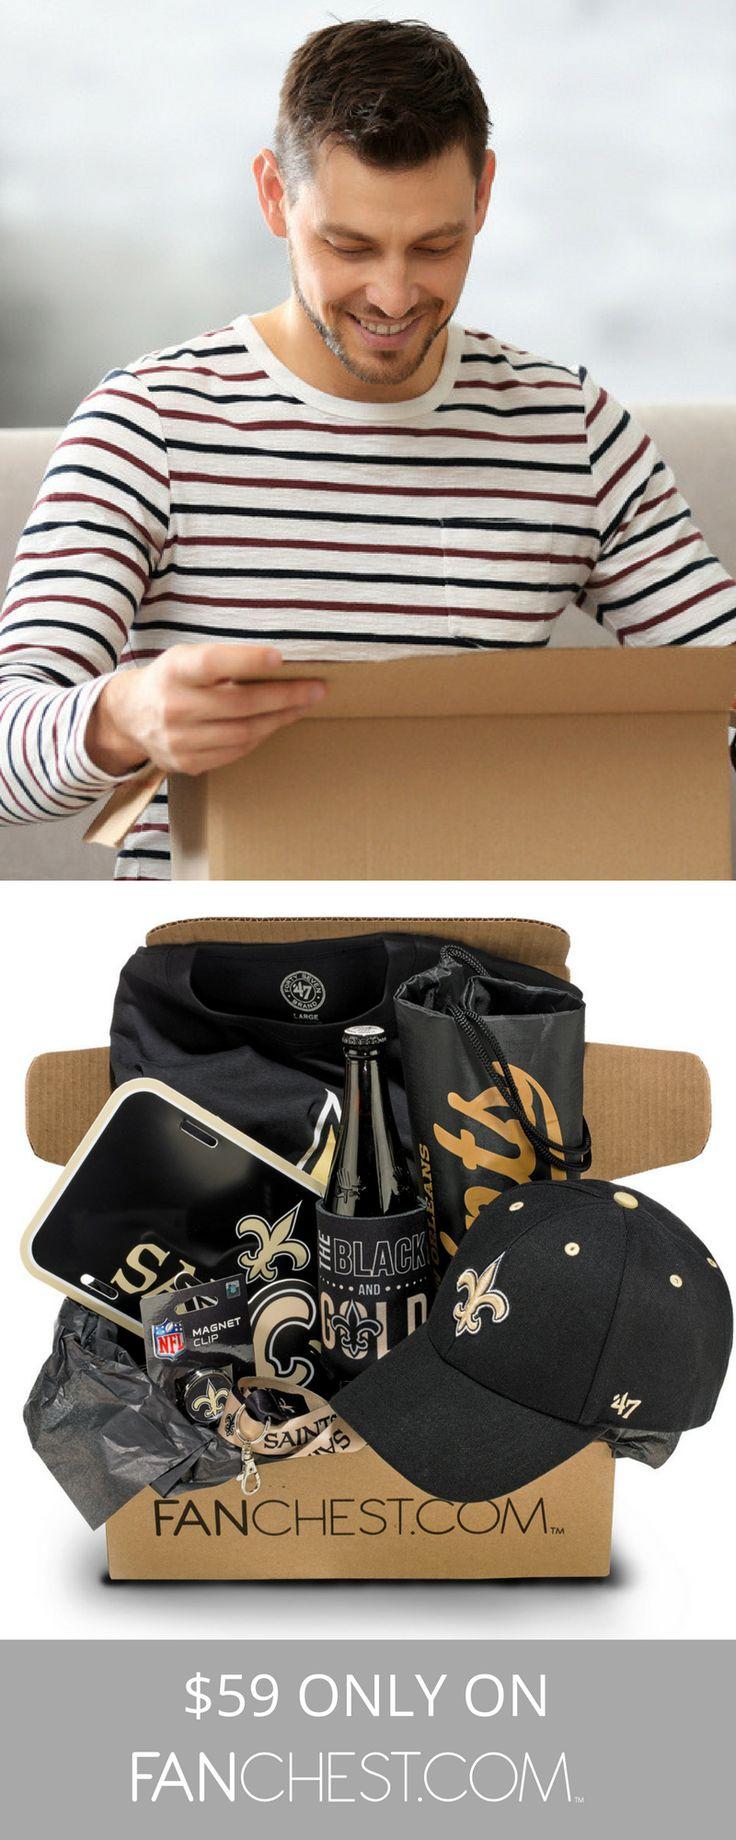 Saints Gear + Apparel + Merchandise - Perfect Gift for Saints Fans!